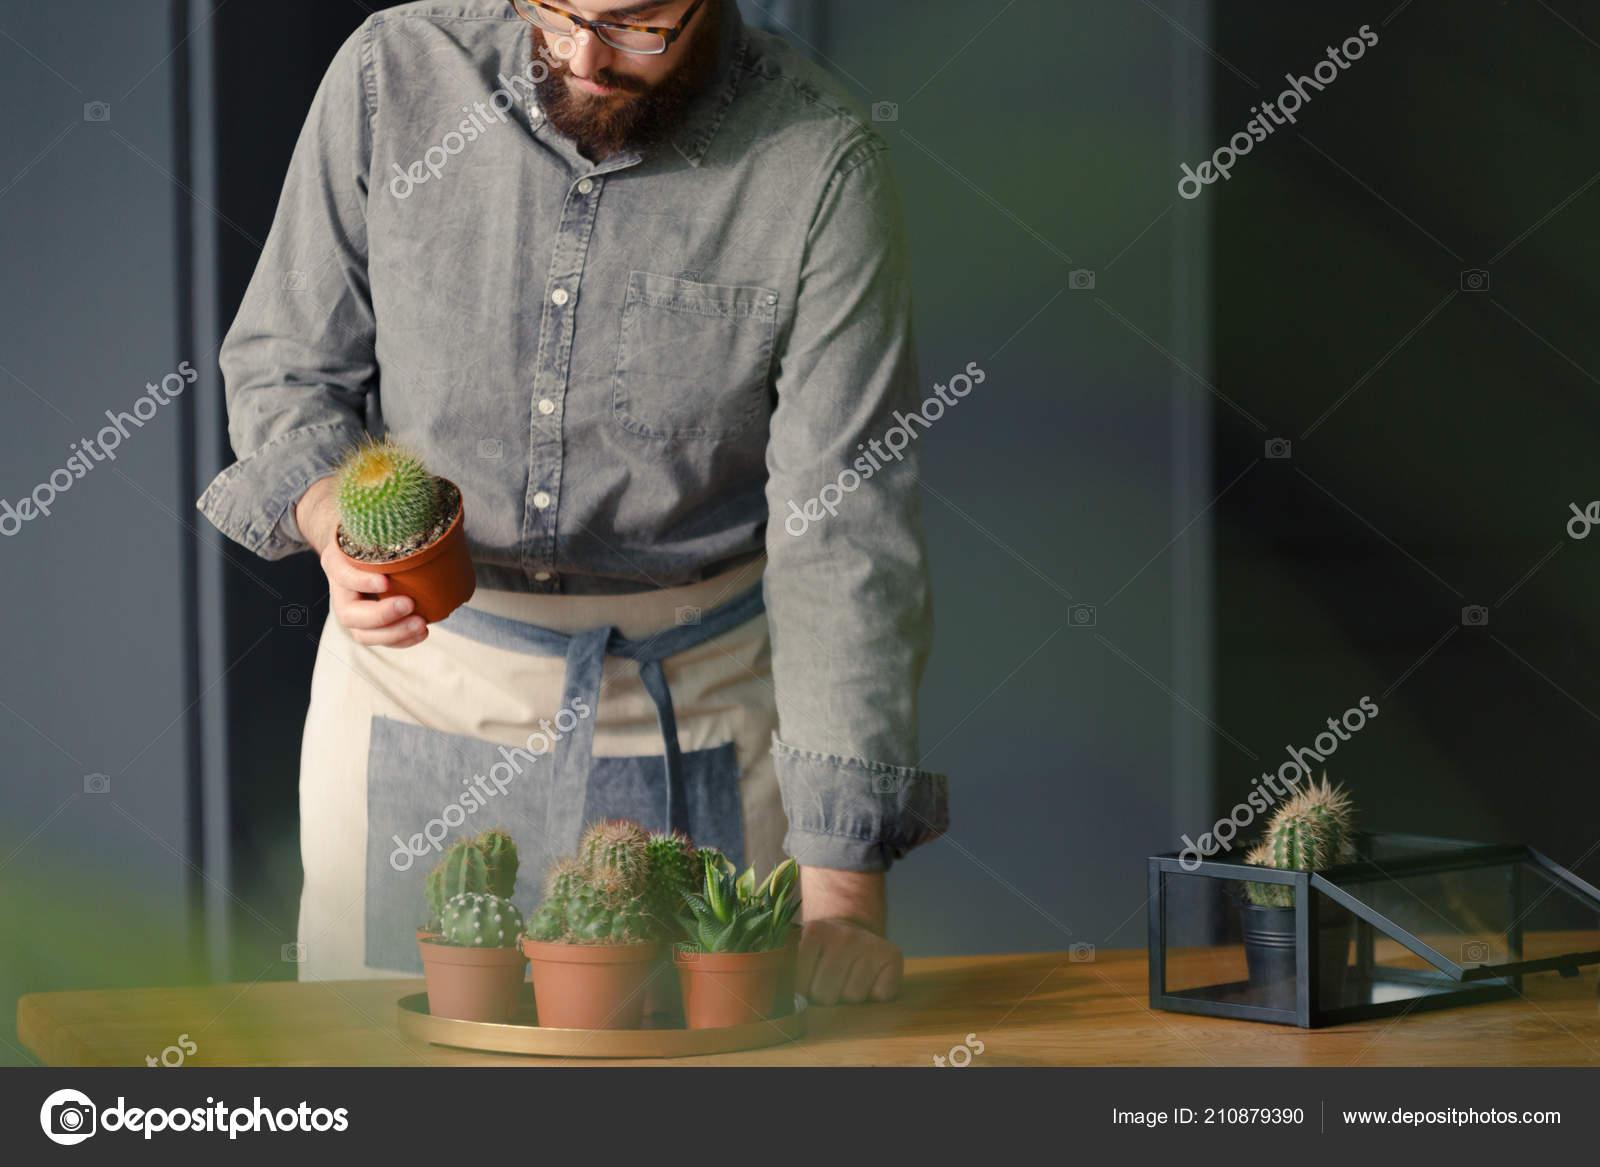 149a630545e Zahradník Šedé Tričko Pracuje Květinářství Kaktusy Dřevěný Stůl — Stock  fotografie